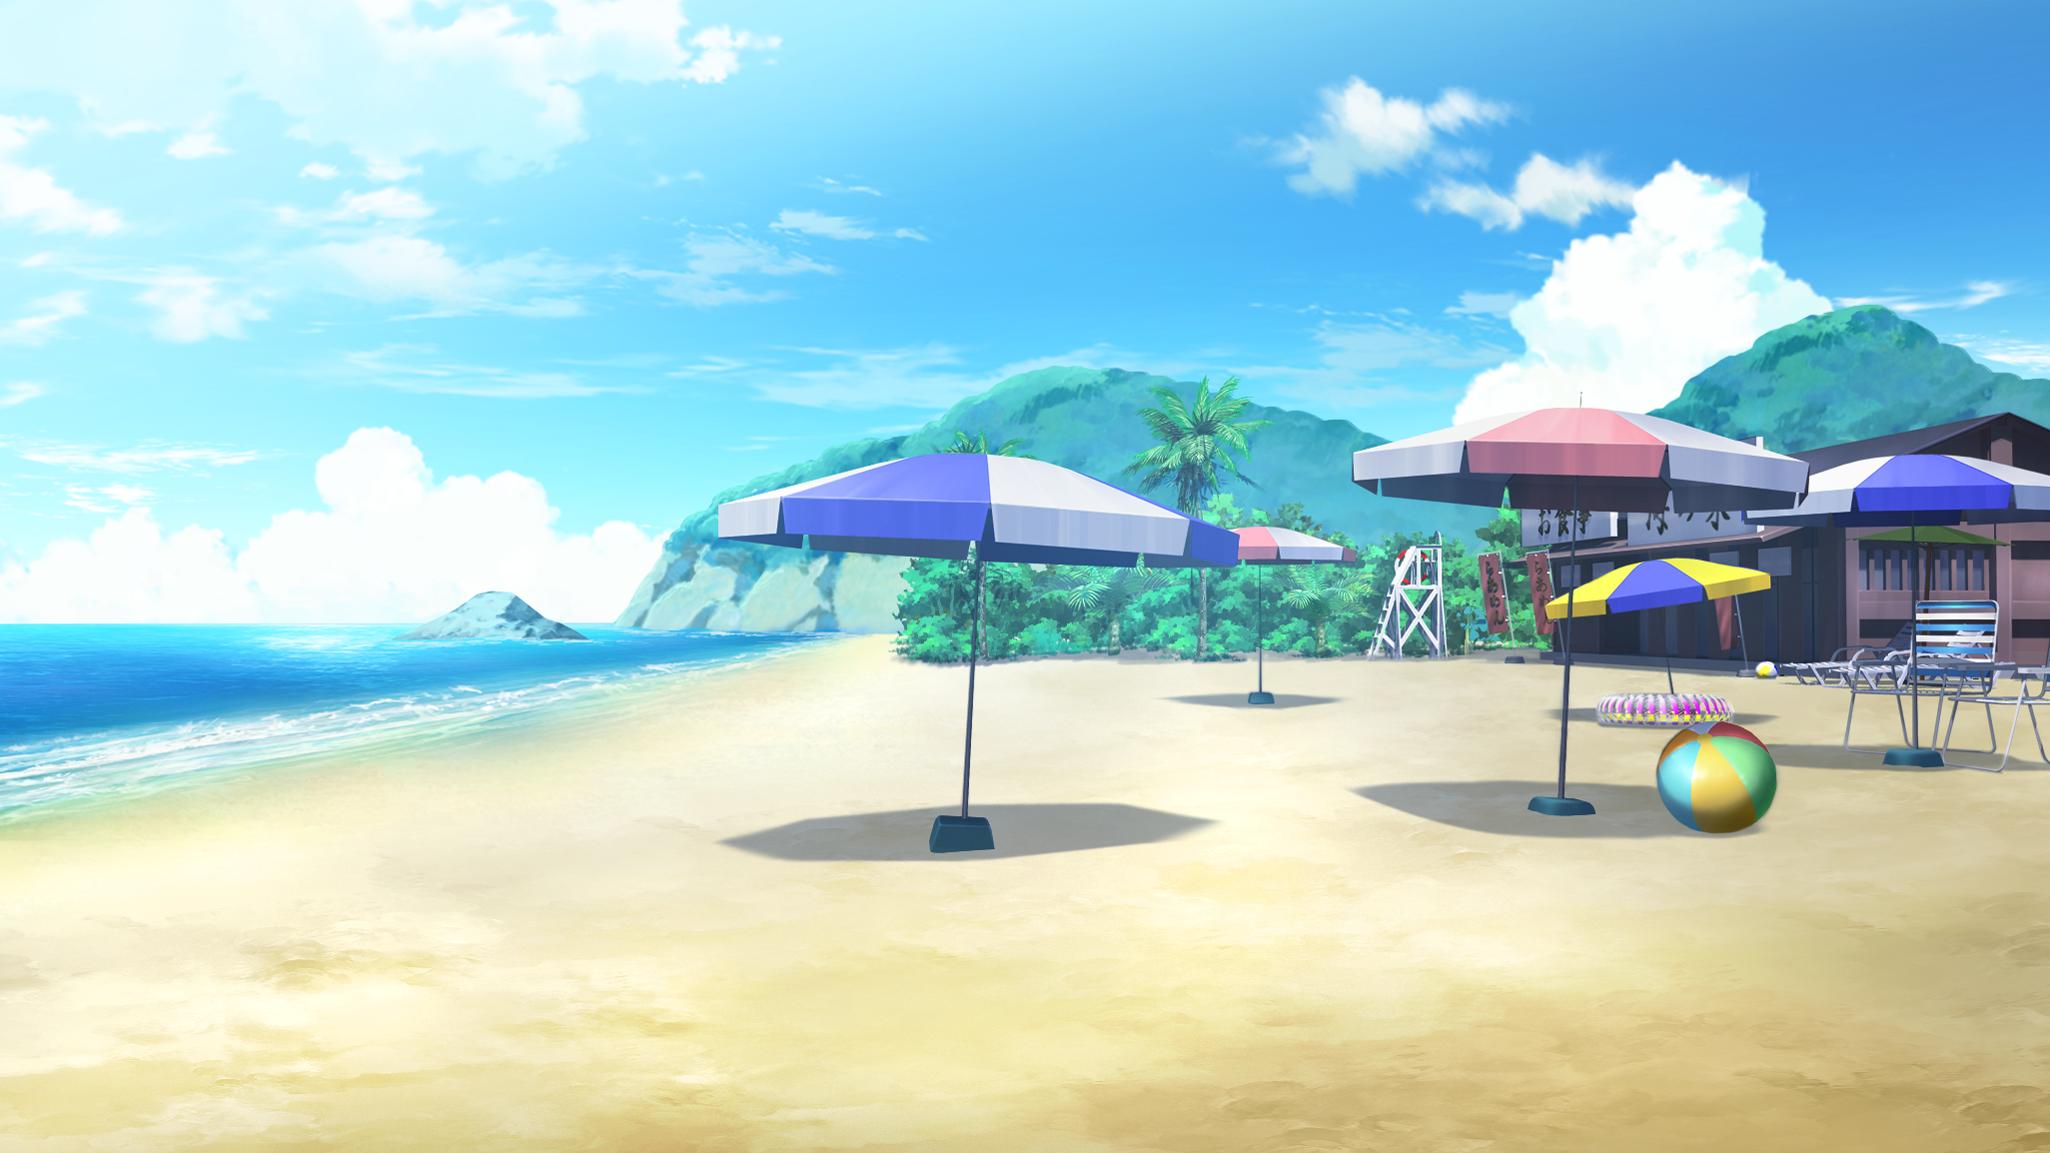 Endless Summer Everlasting Summer Iichan Eroge Beach Original Fantasy Landscape Cenario Anime Fotos Animes Fundo De Animacao